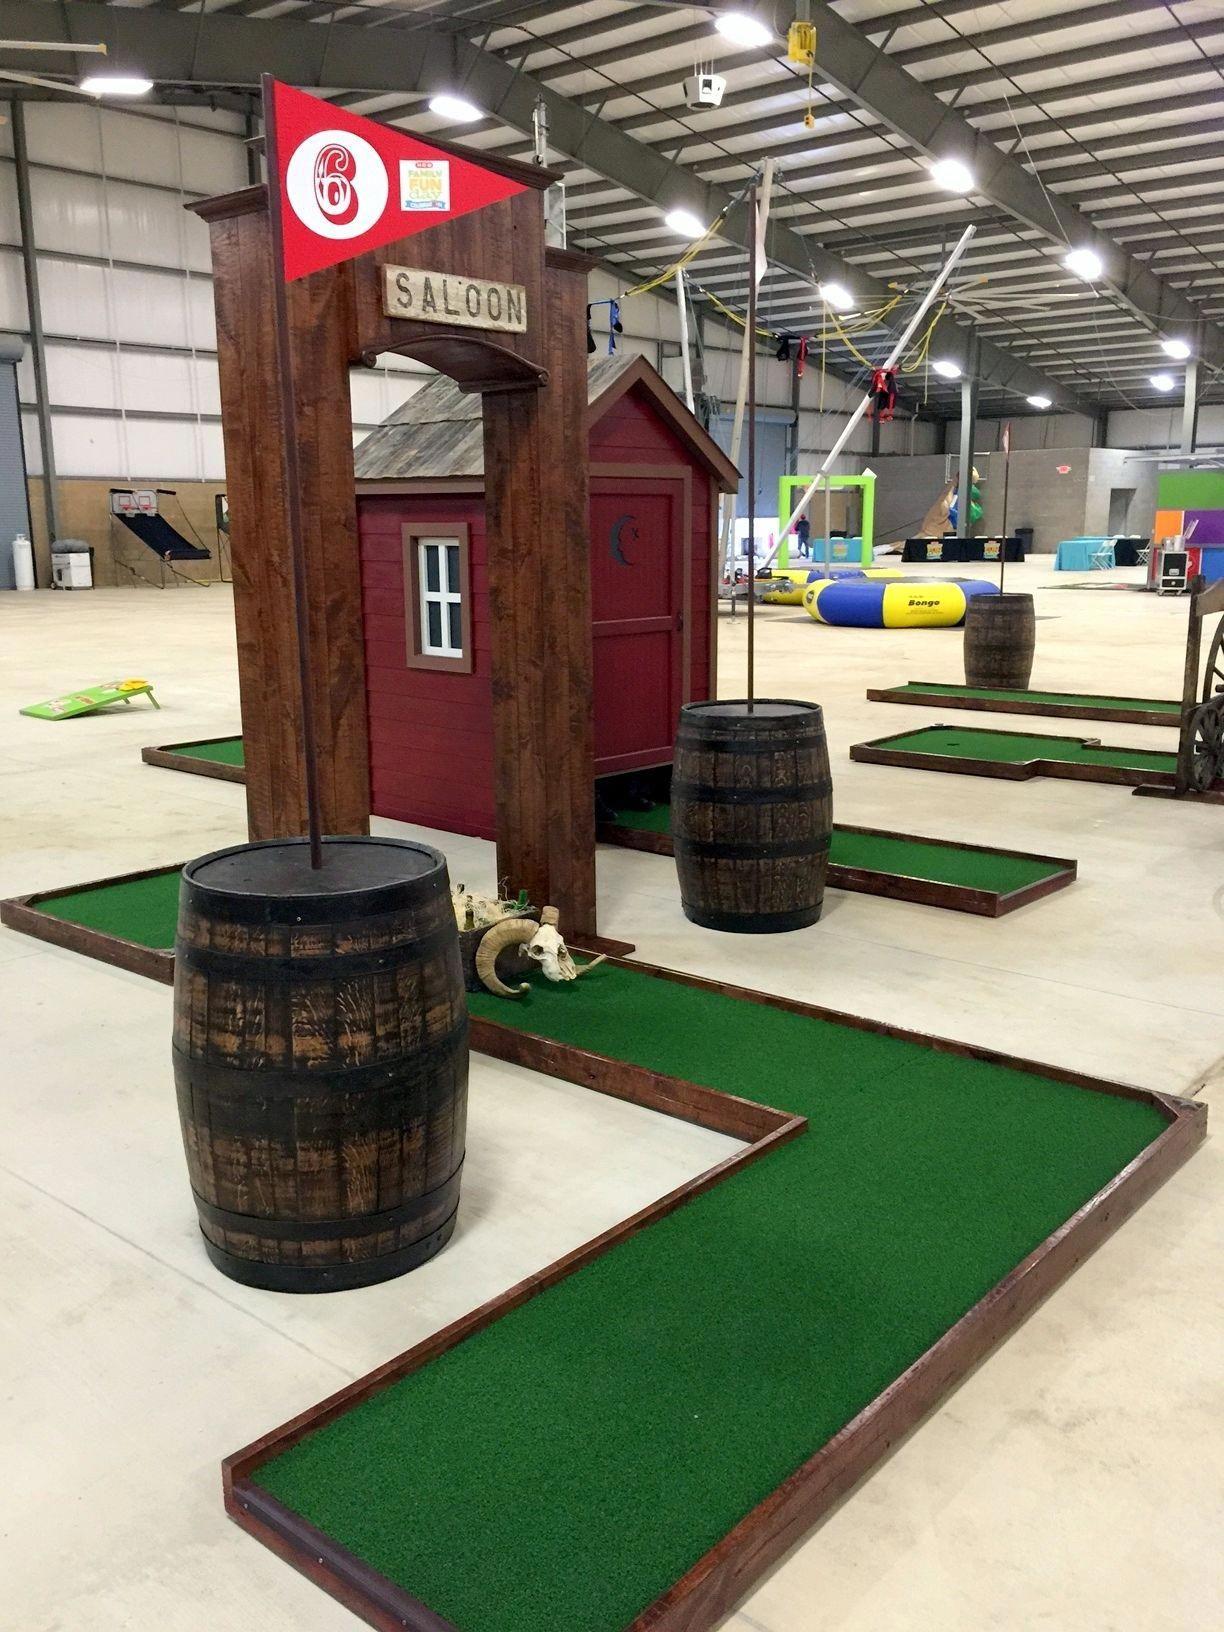 Golftipsmagazinereview miniaturegolfcourses indoor